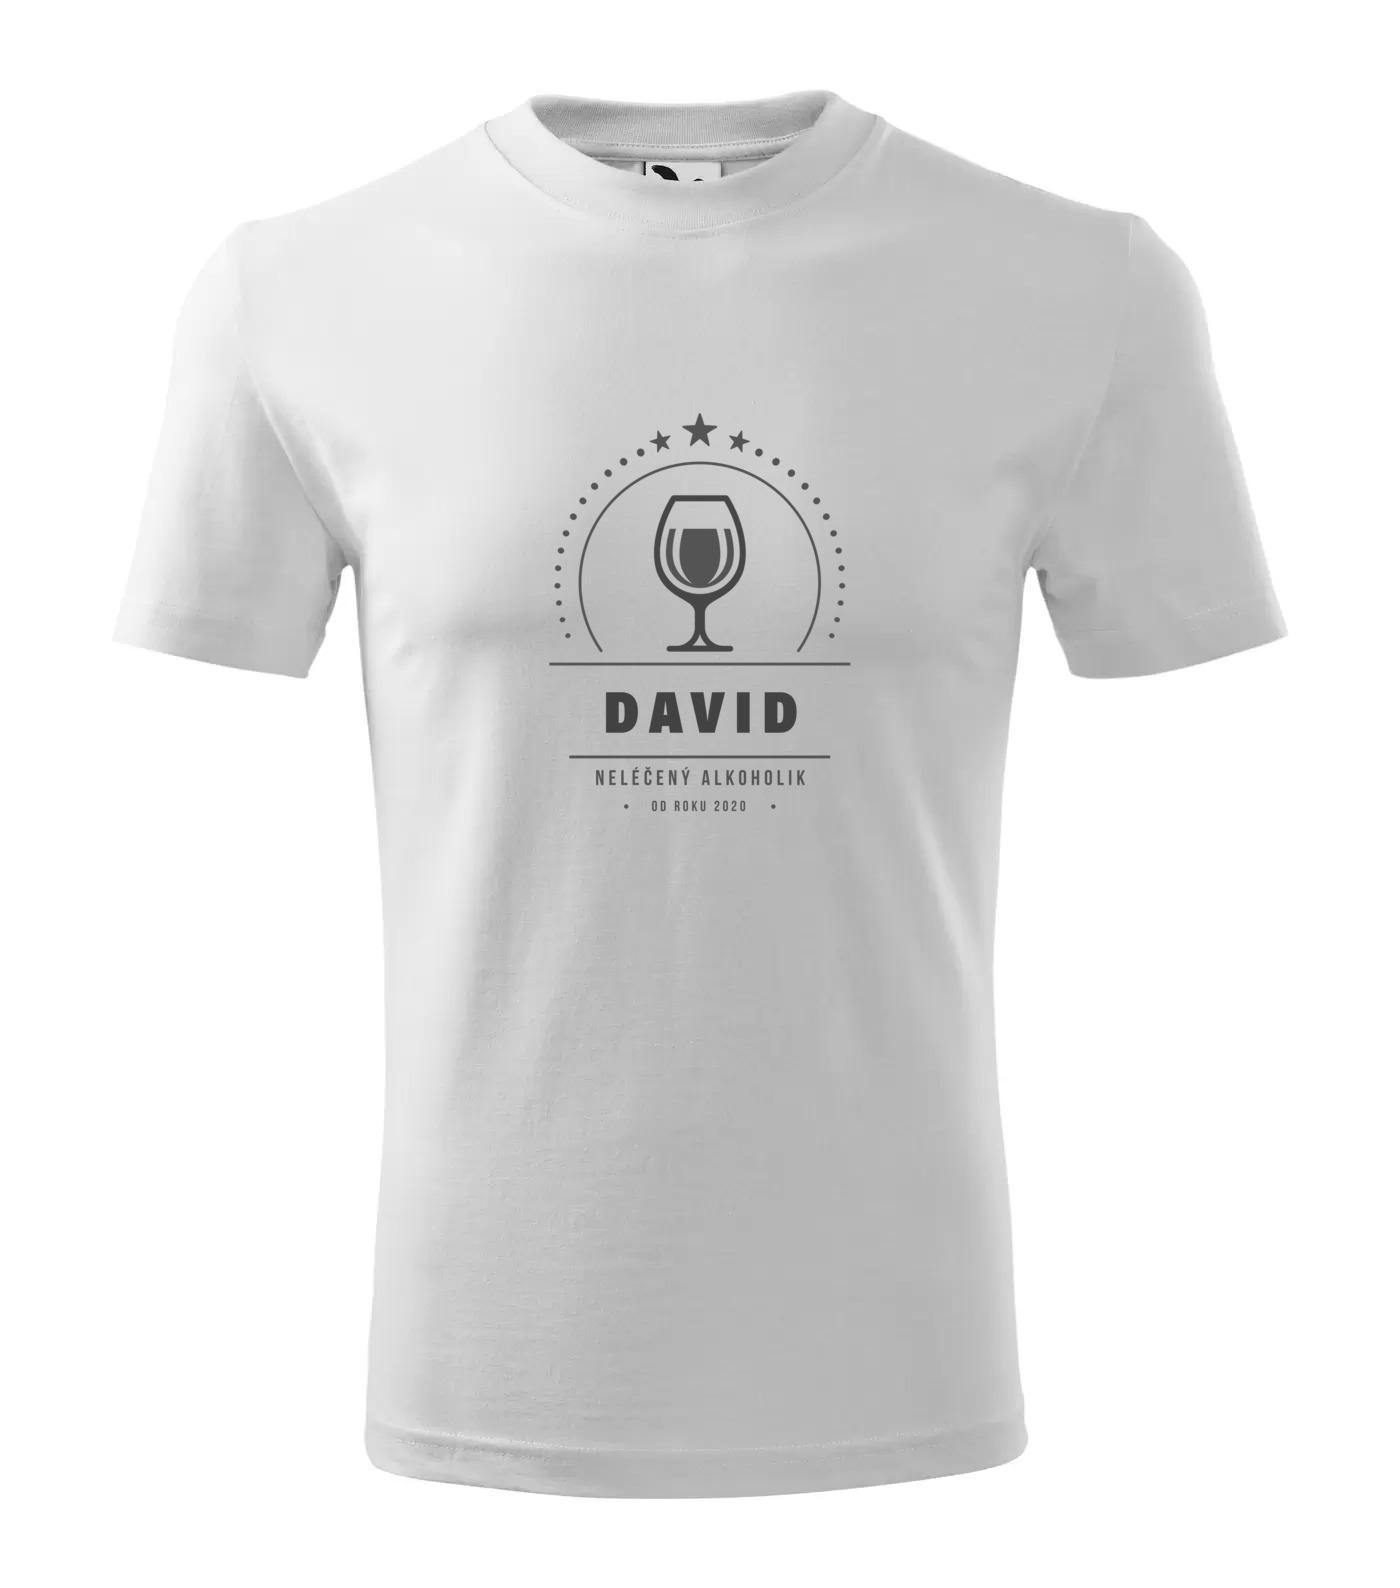 Tričko Alkoholik David